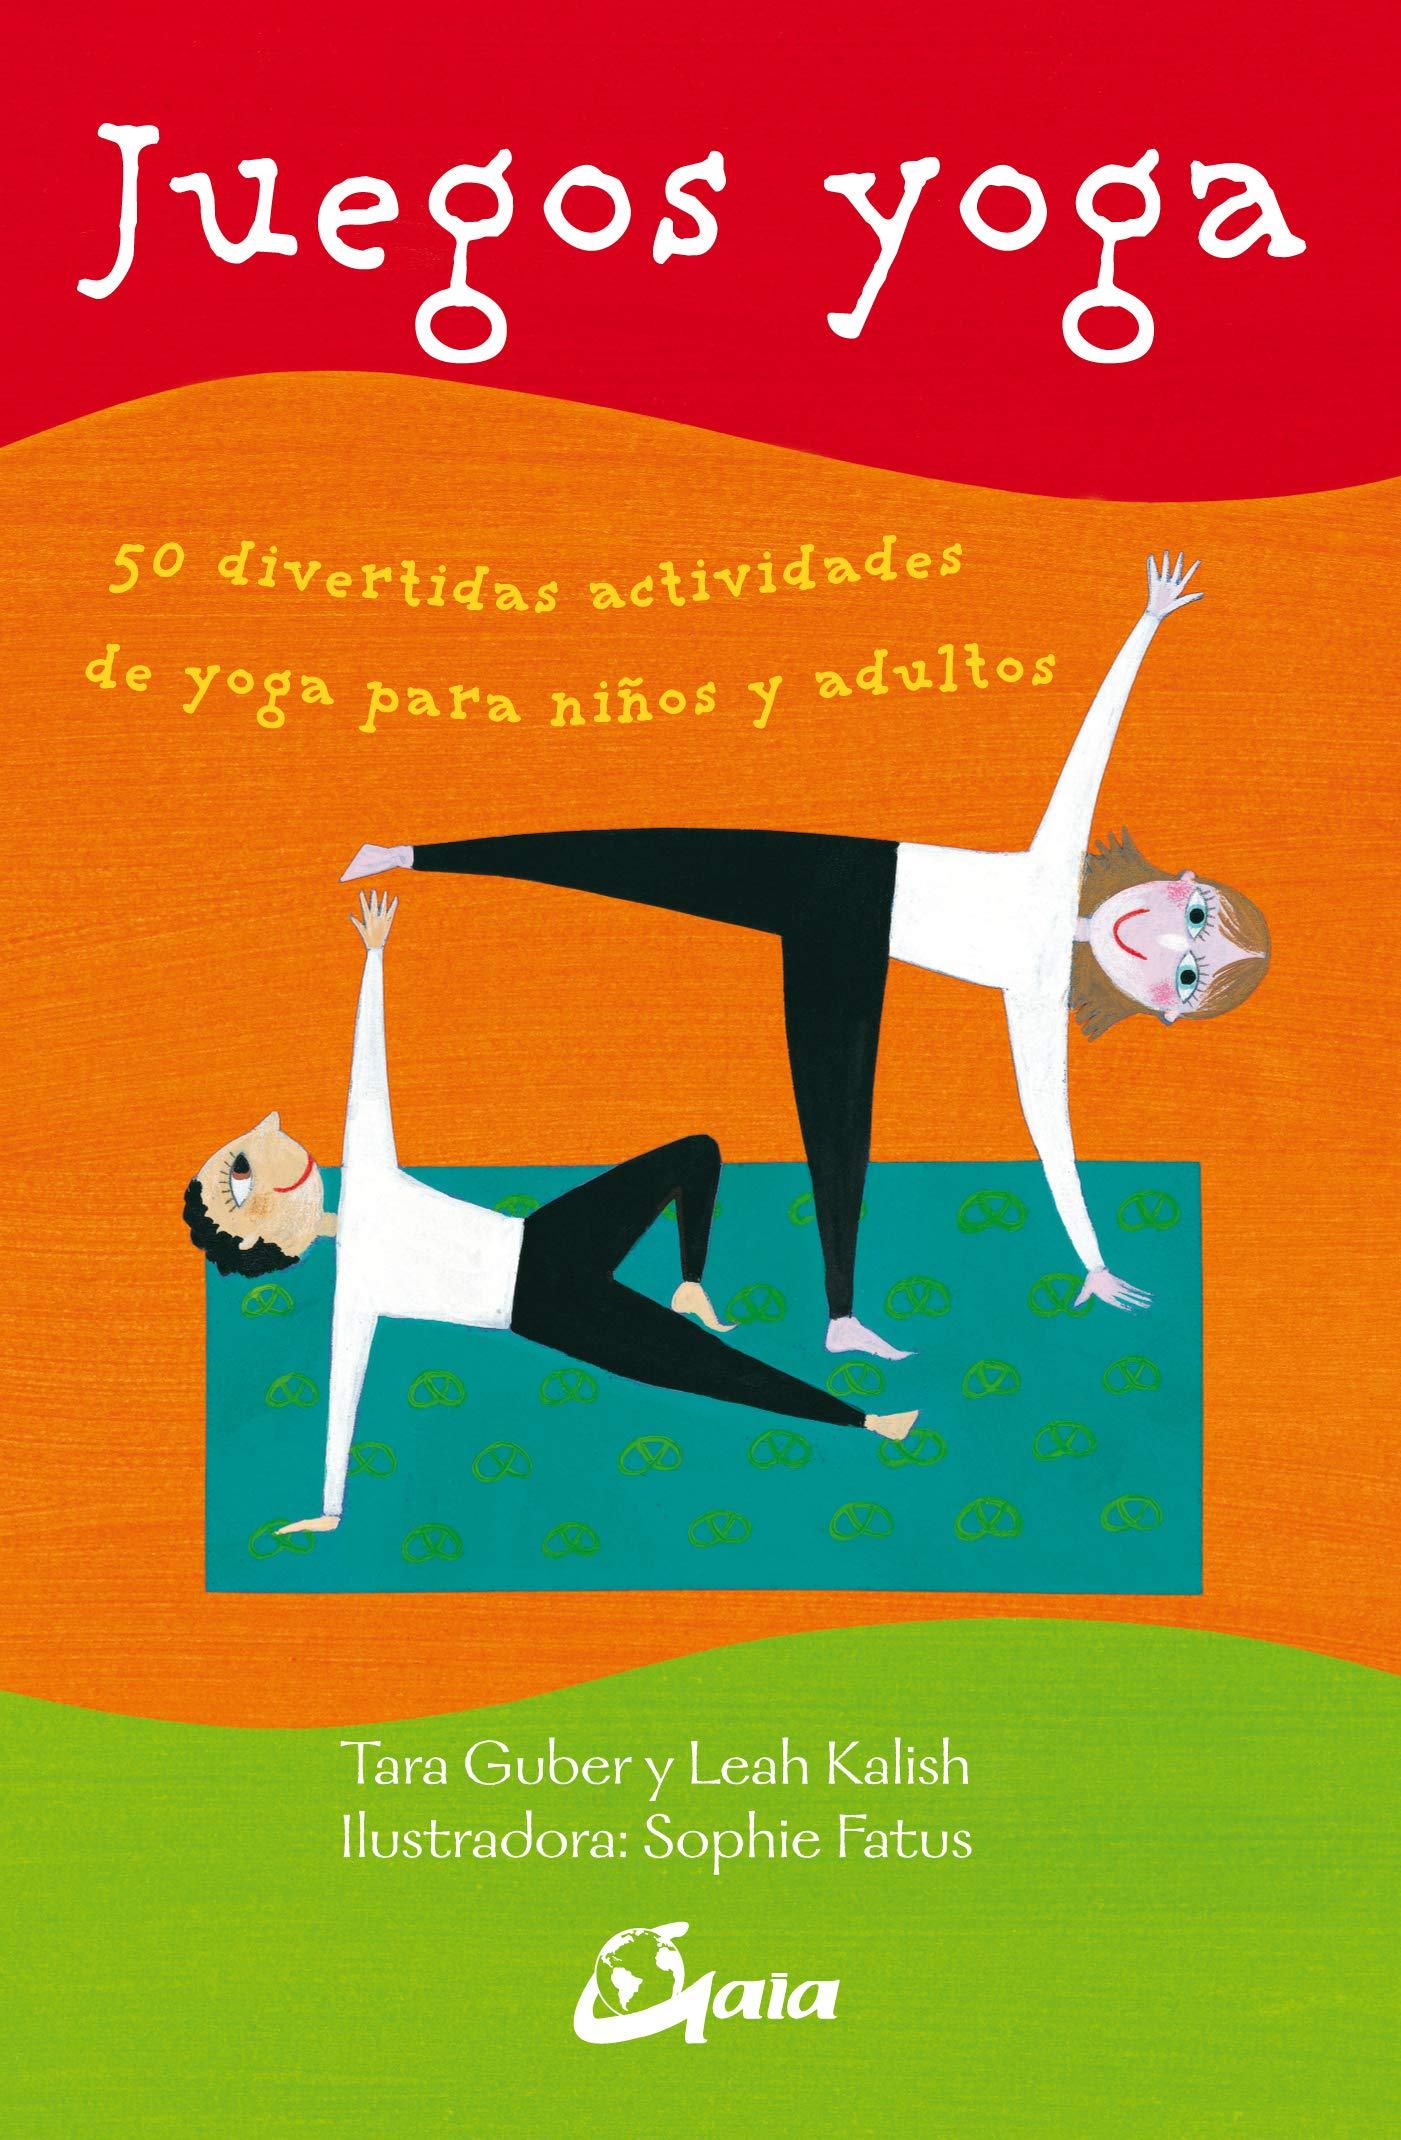 Juegos yoga. 50 divertidas actividades de yoga para niños y ...